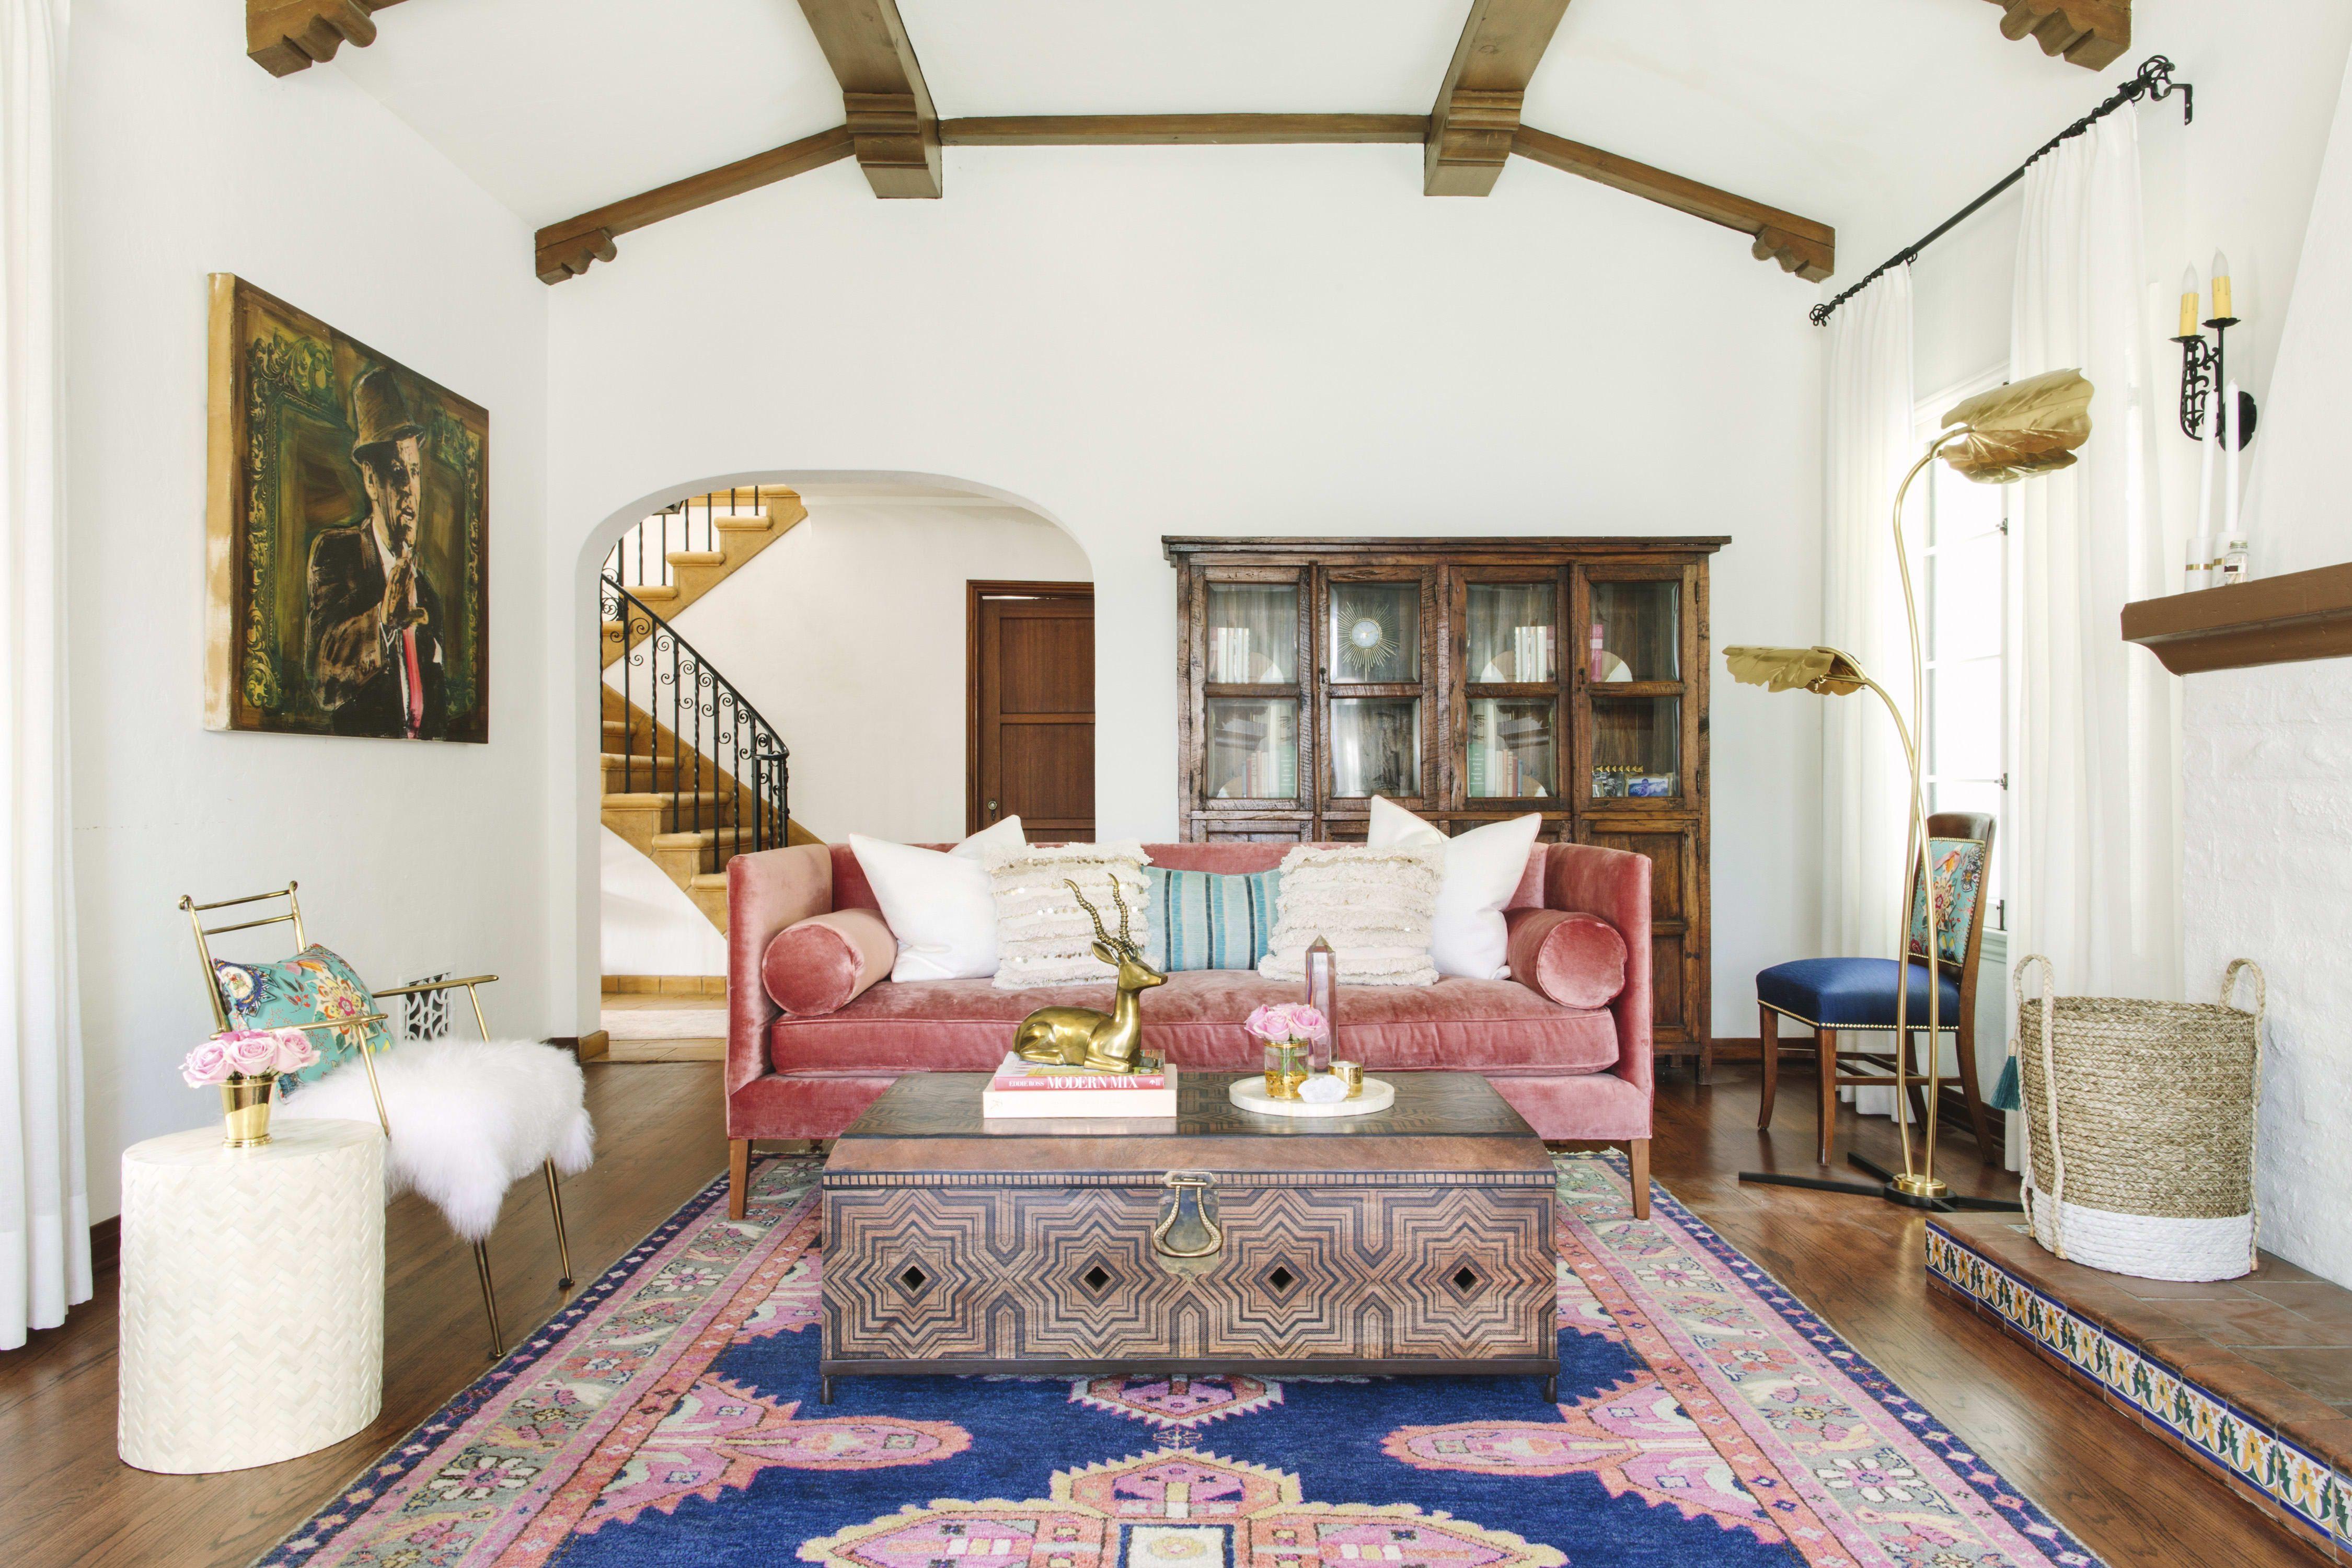 Glamour Nest Design Spanish Inspired California Home Tour Diy Living Room Decor Best Living Room Design Small Living Room Design